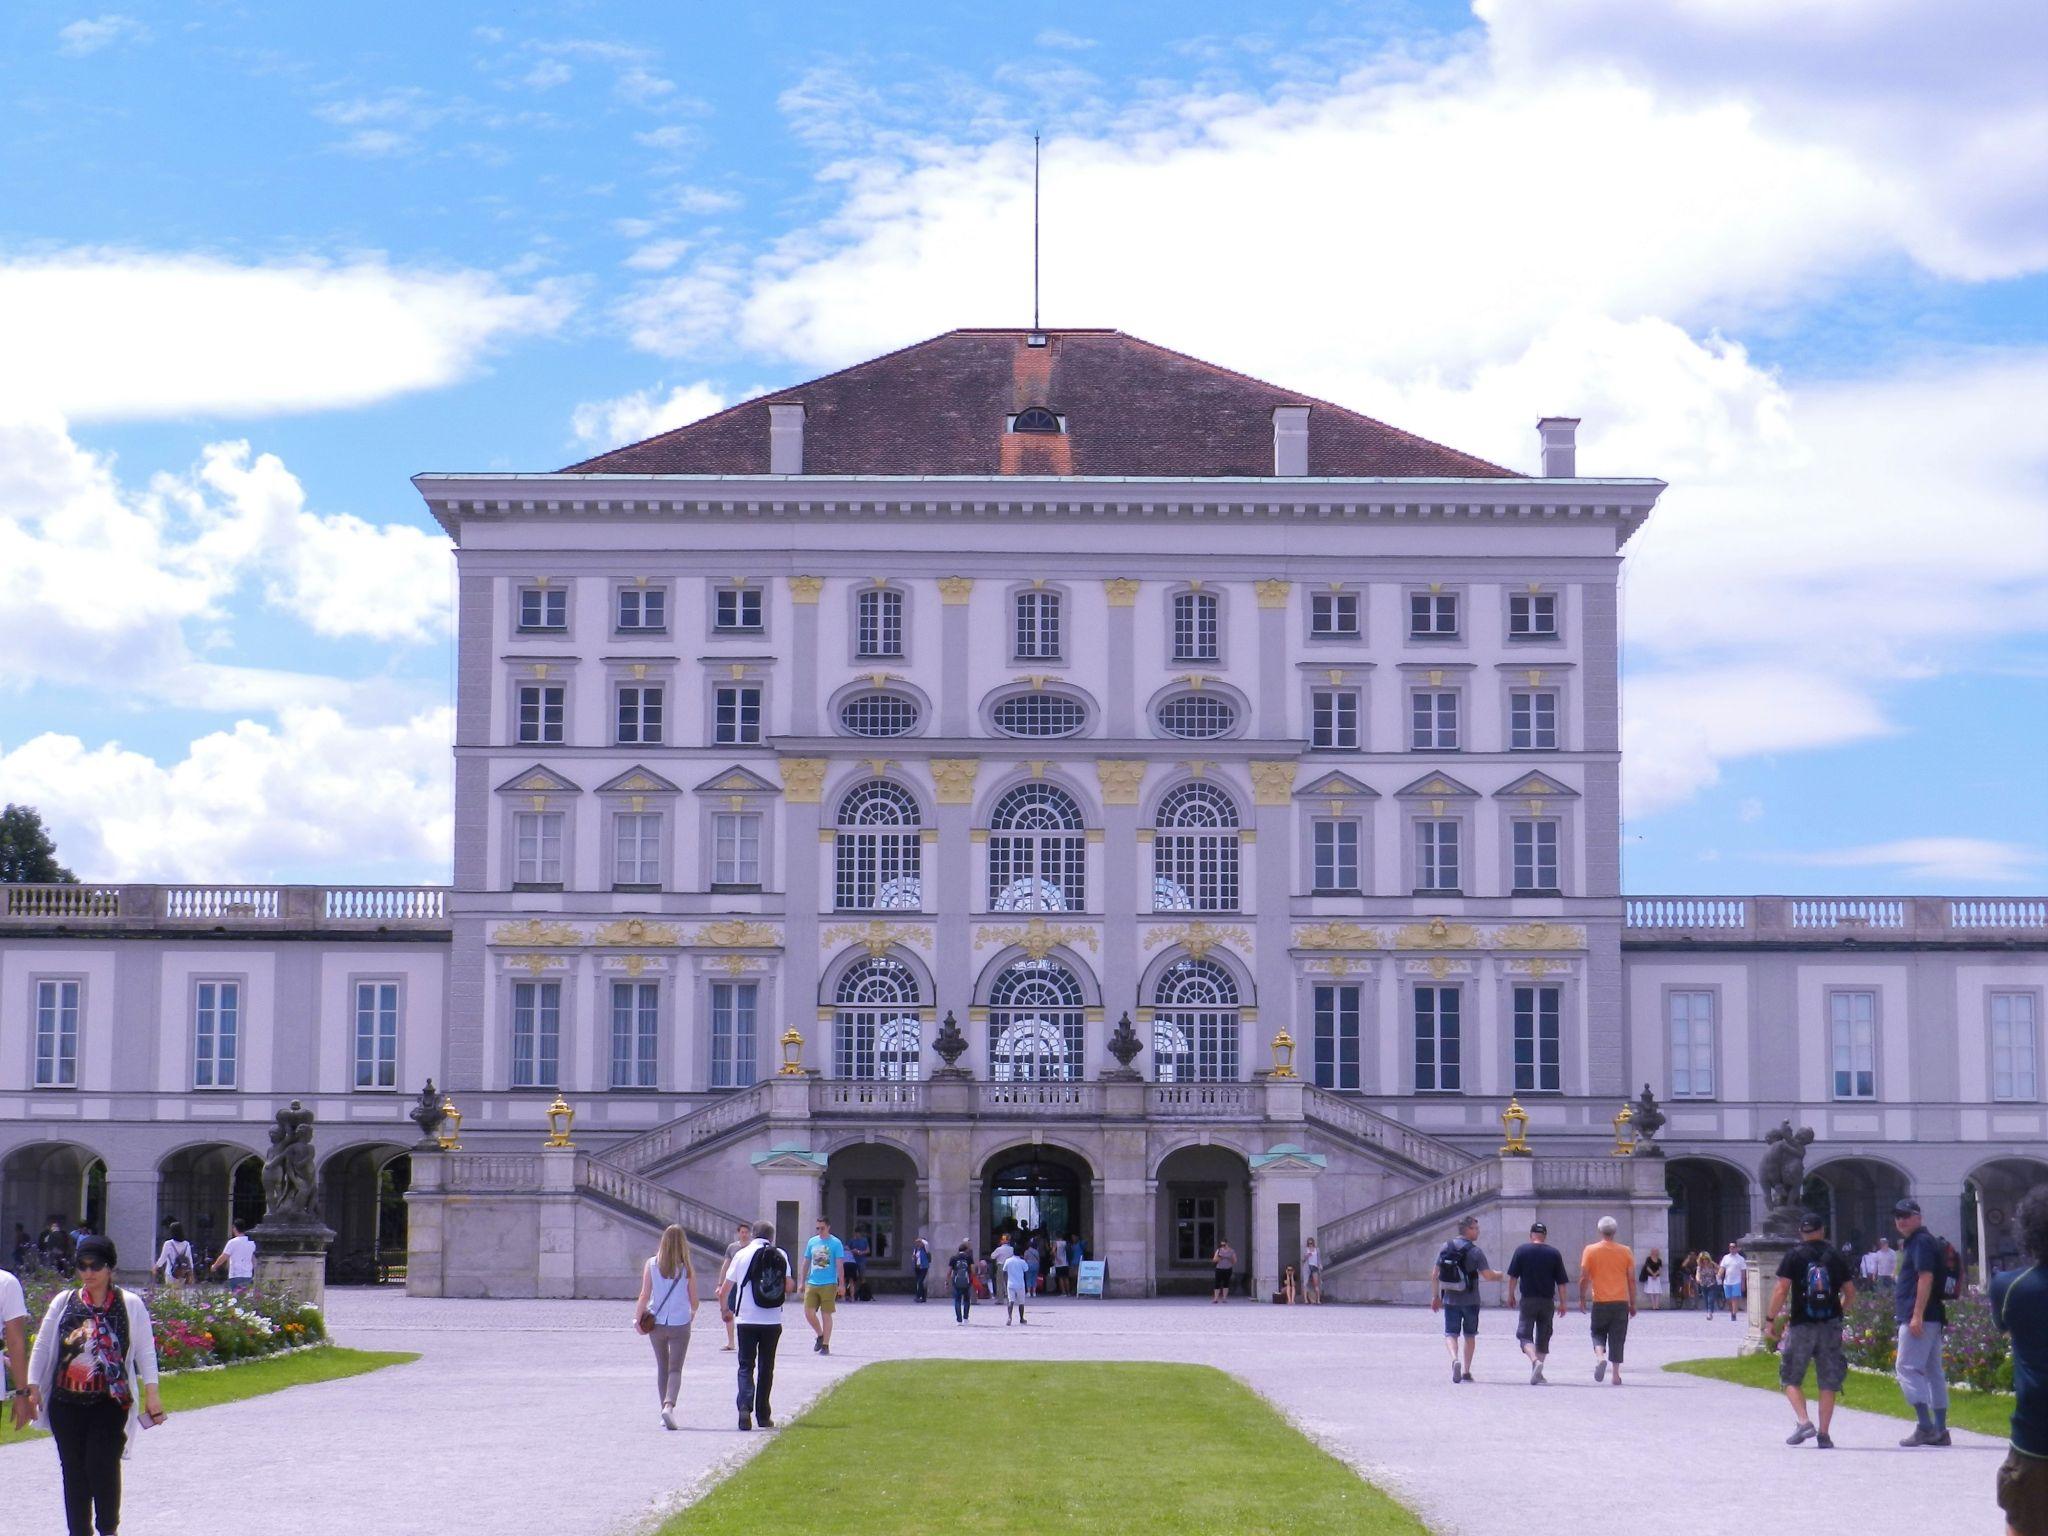 Schloss Nymphenburg, Germany